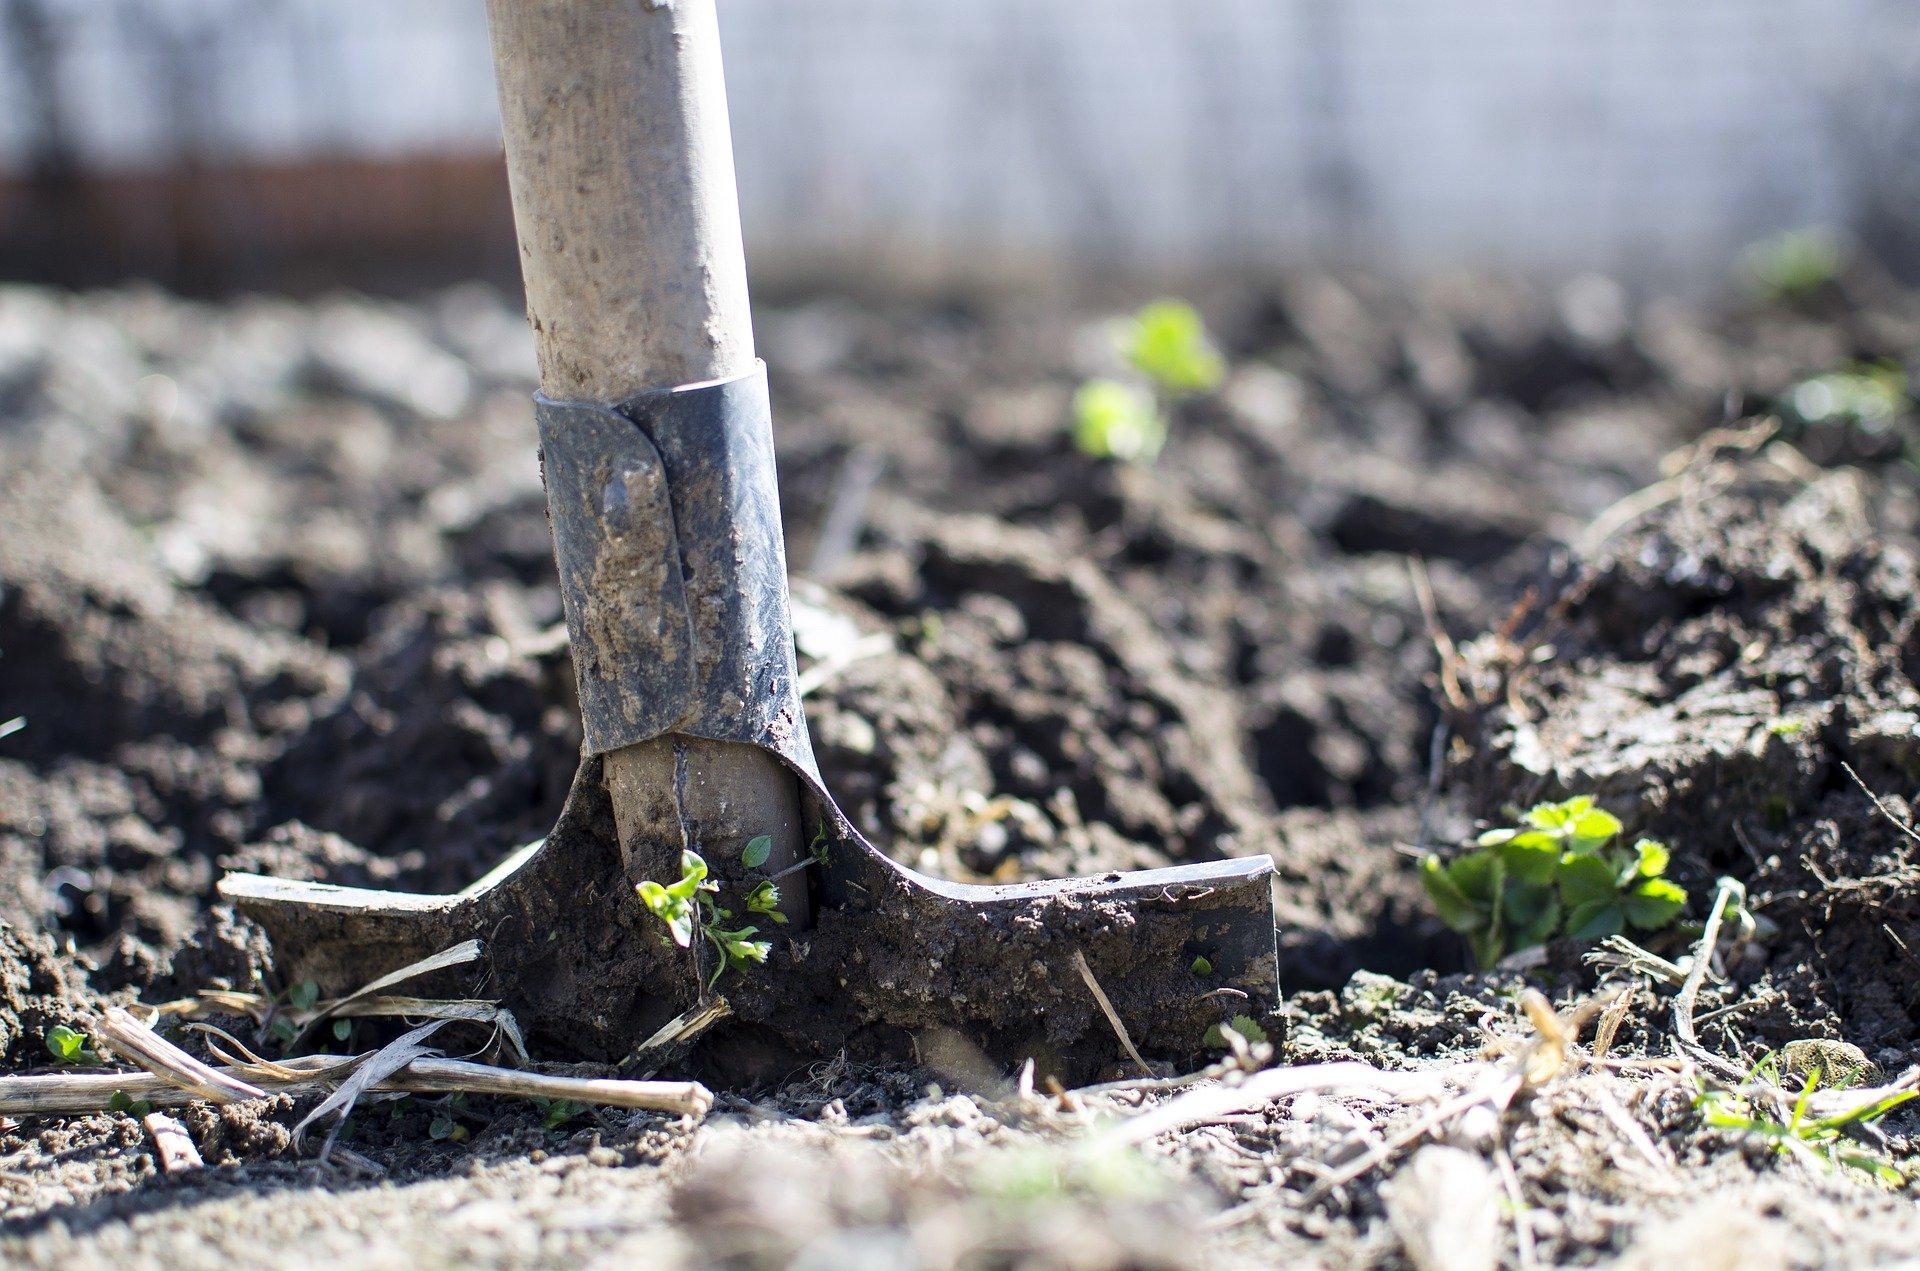 Canicule : Comment s'adapter sur les chantiers?